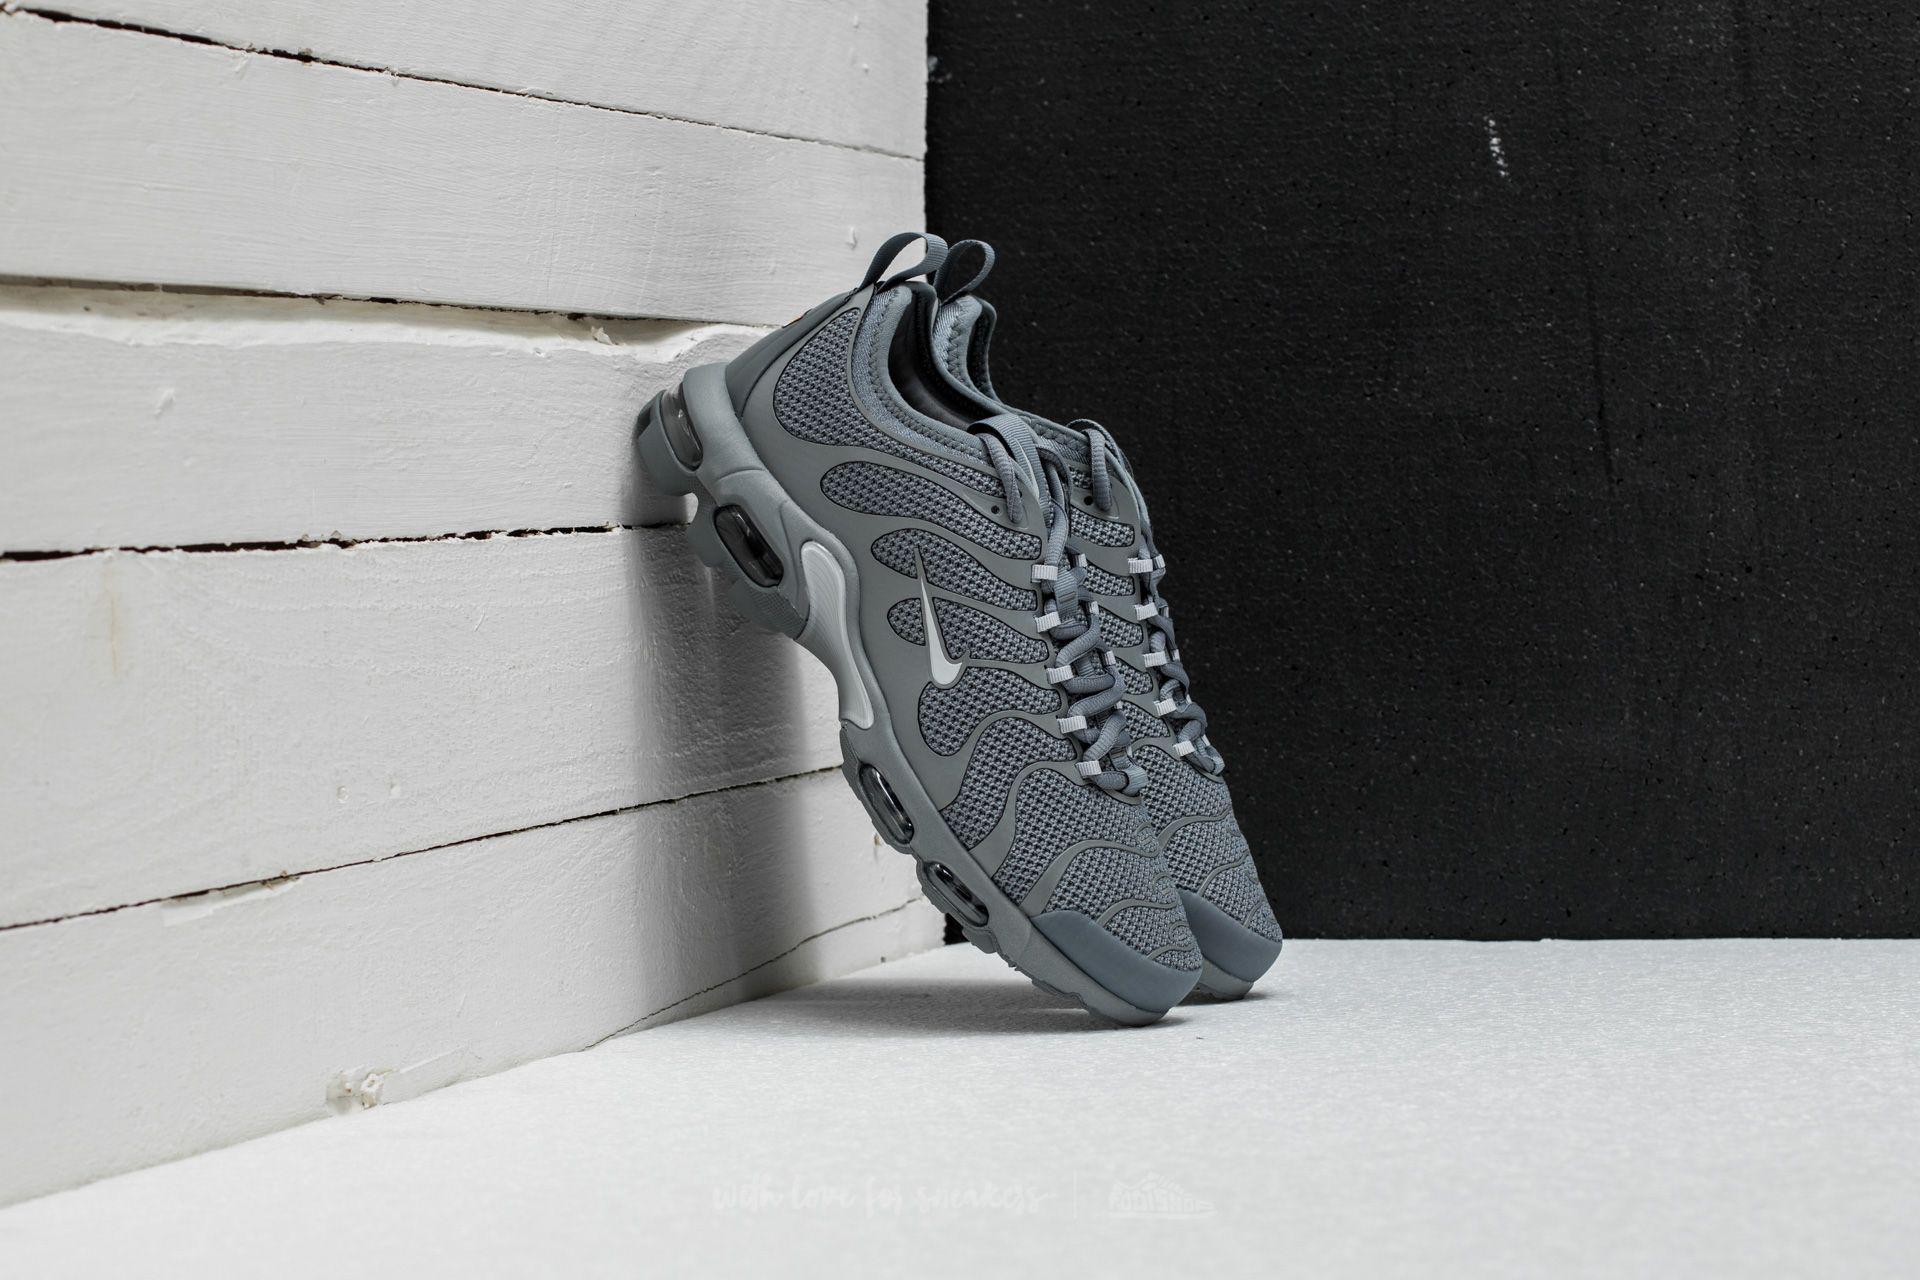 ad57619c6c28f Lyst - Nike Air Max Plus Tn Ultra Cool Grey  Wolf Grey-cool Grey in ...